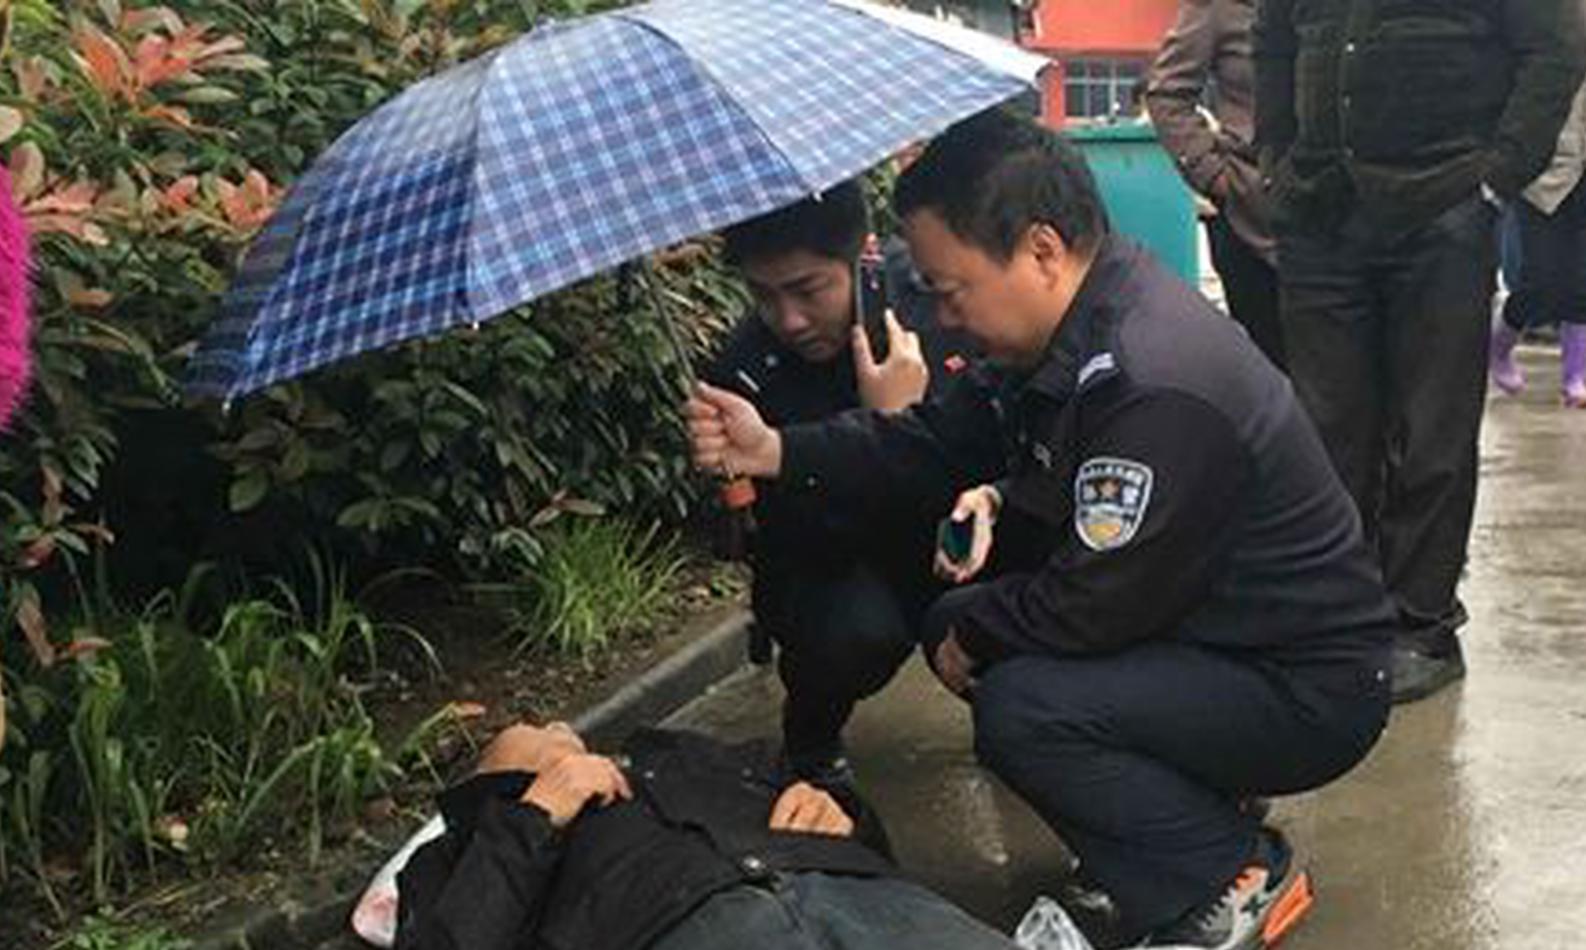 男子发病倒在千里之外 妻子报警合肥警方紧急救人